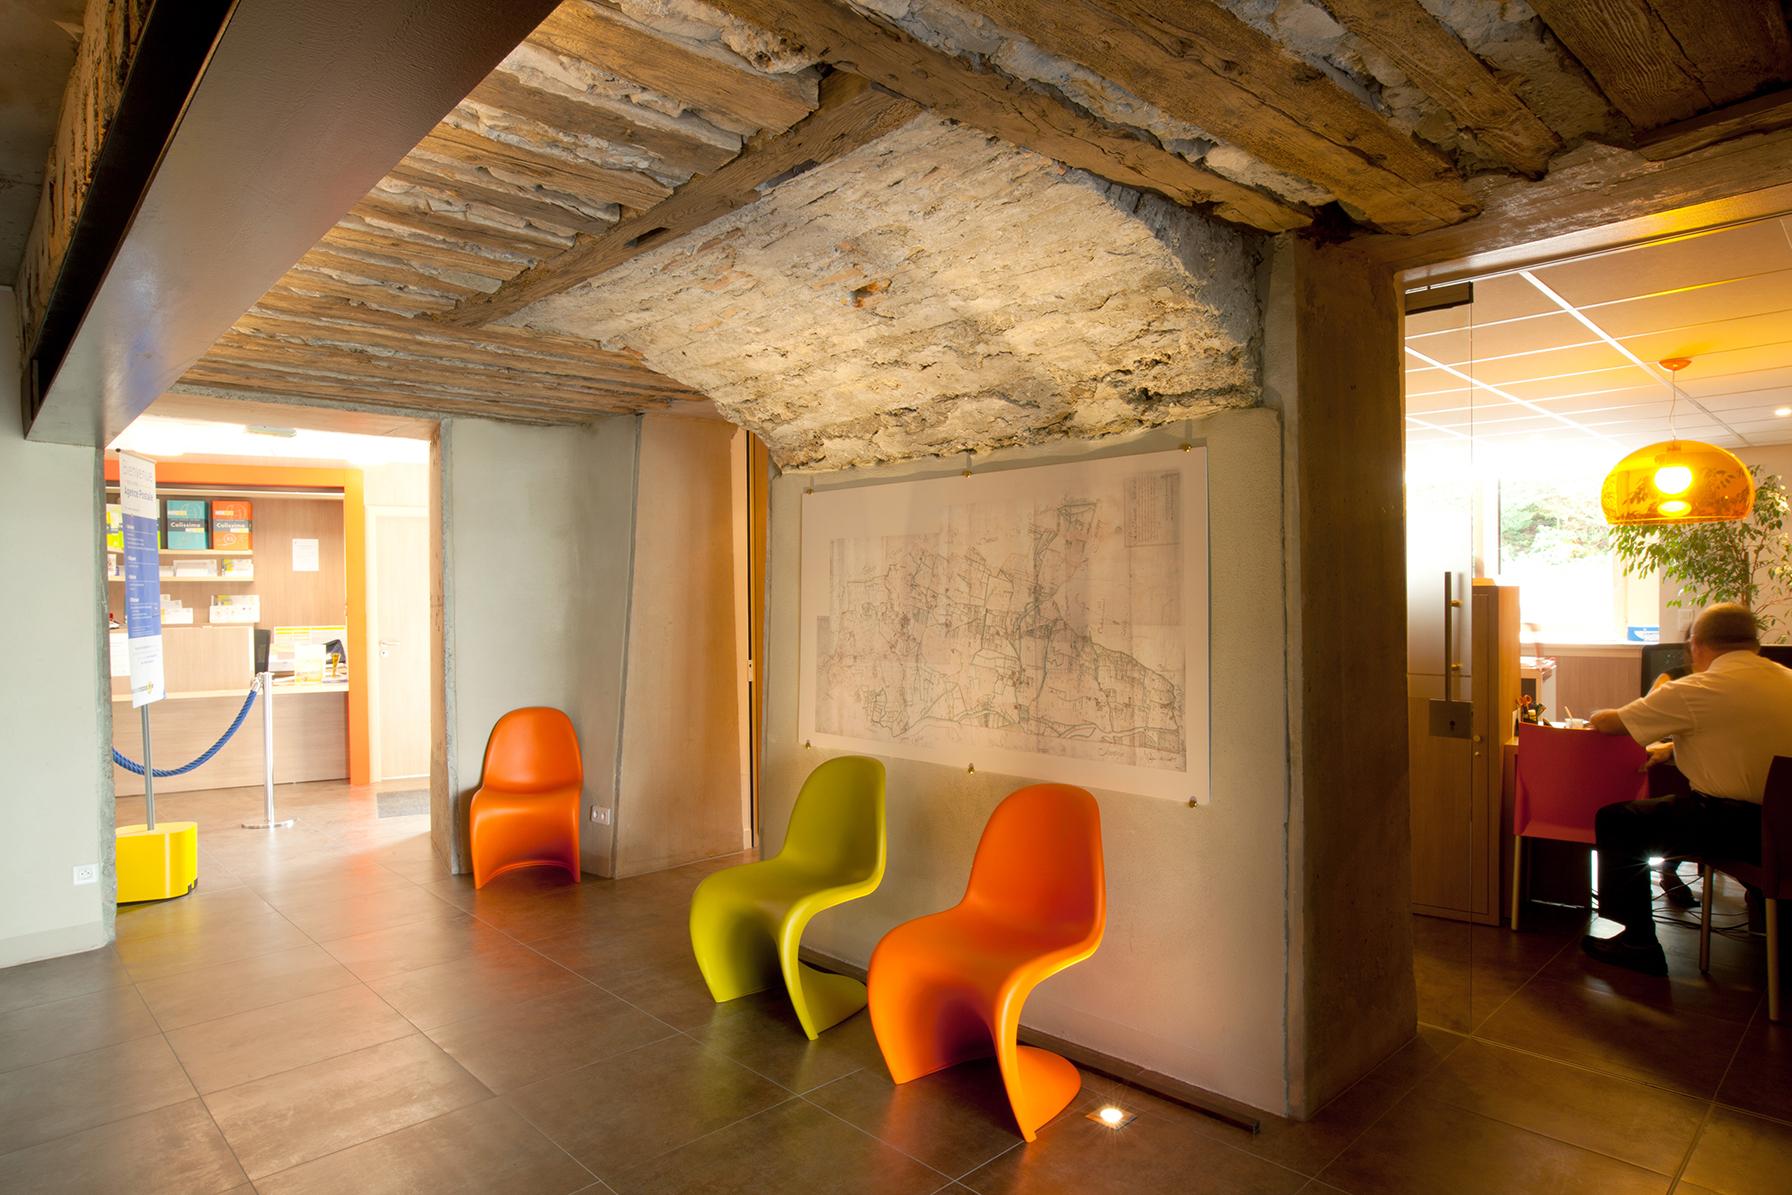 Mairie de Contamine Sur Arve - Architectes: GUYOT Nelly et POULAIN Isabelle